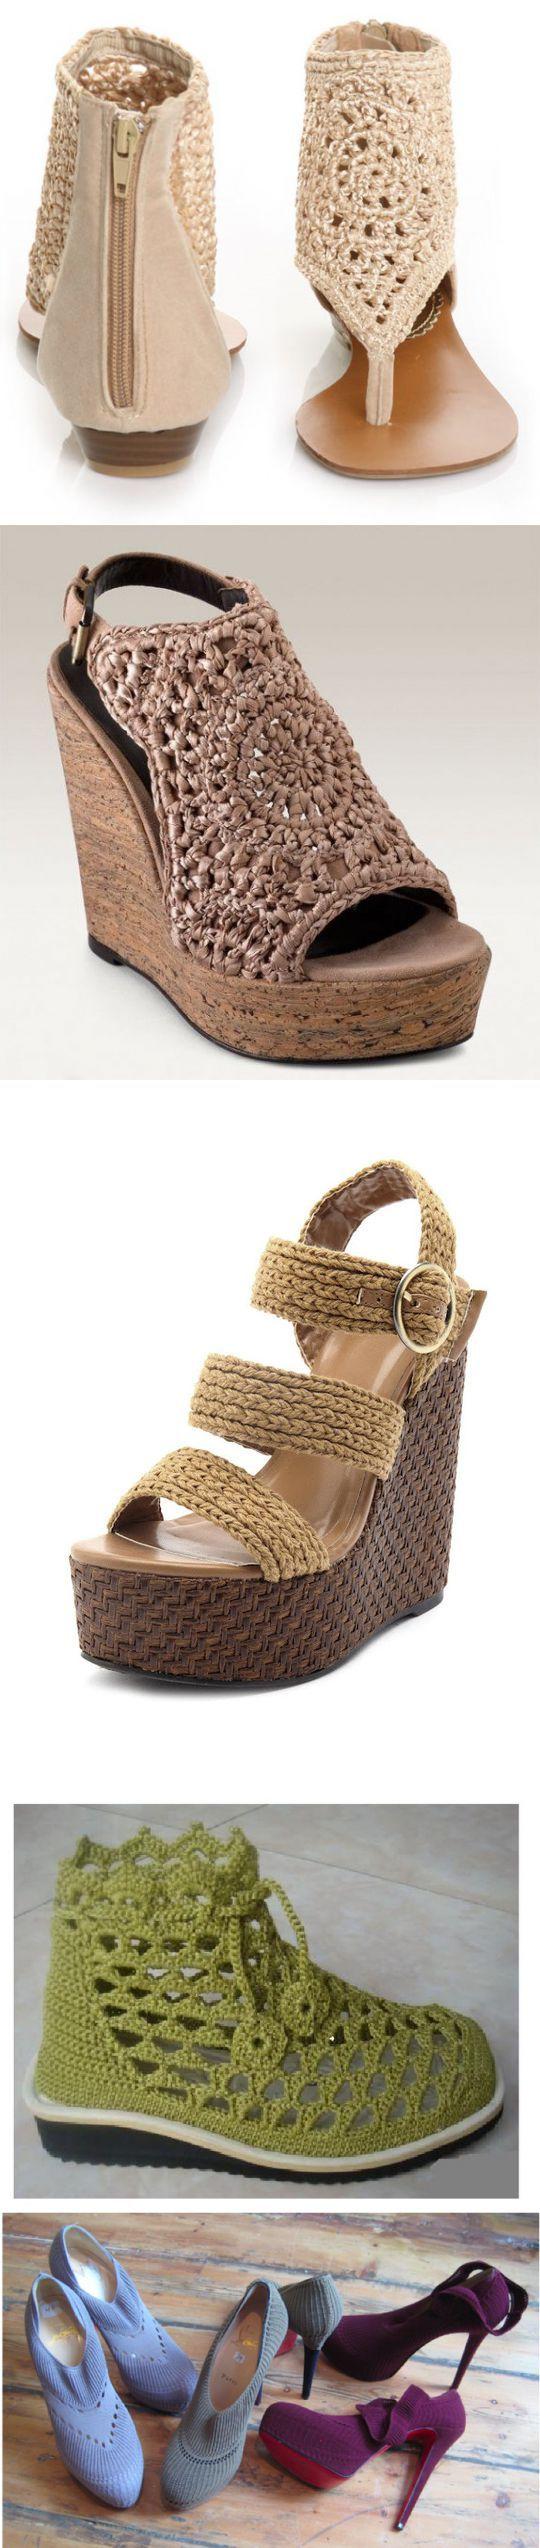 Вязаная обувь (фото). | Обувь своими руками | Постила